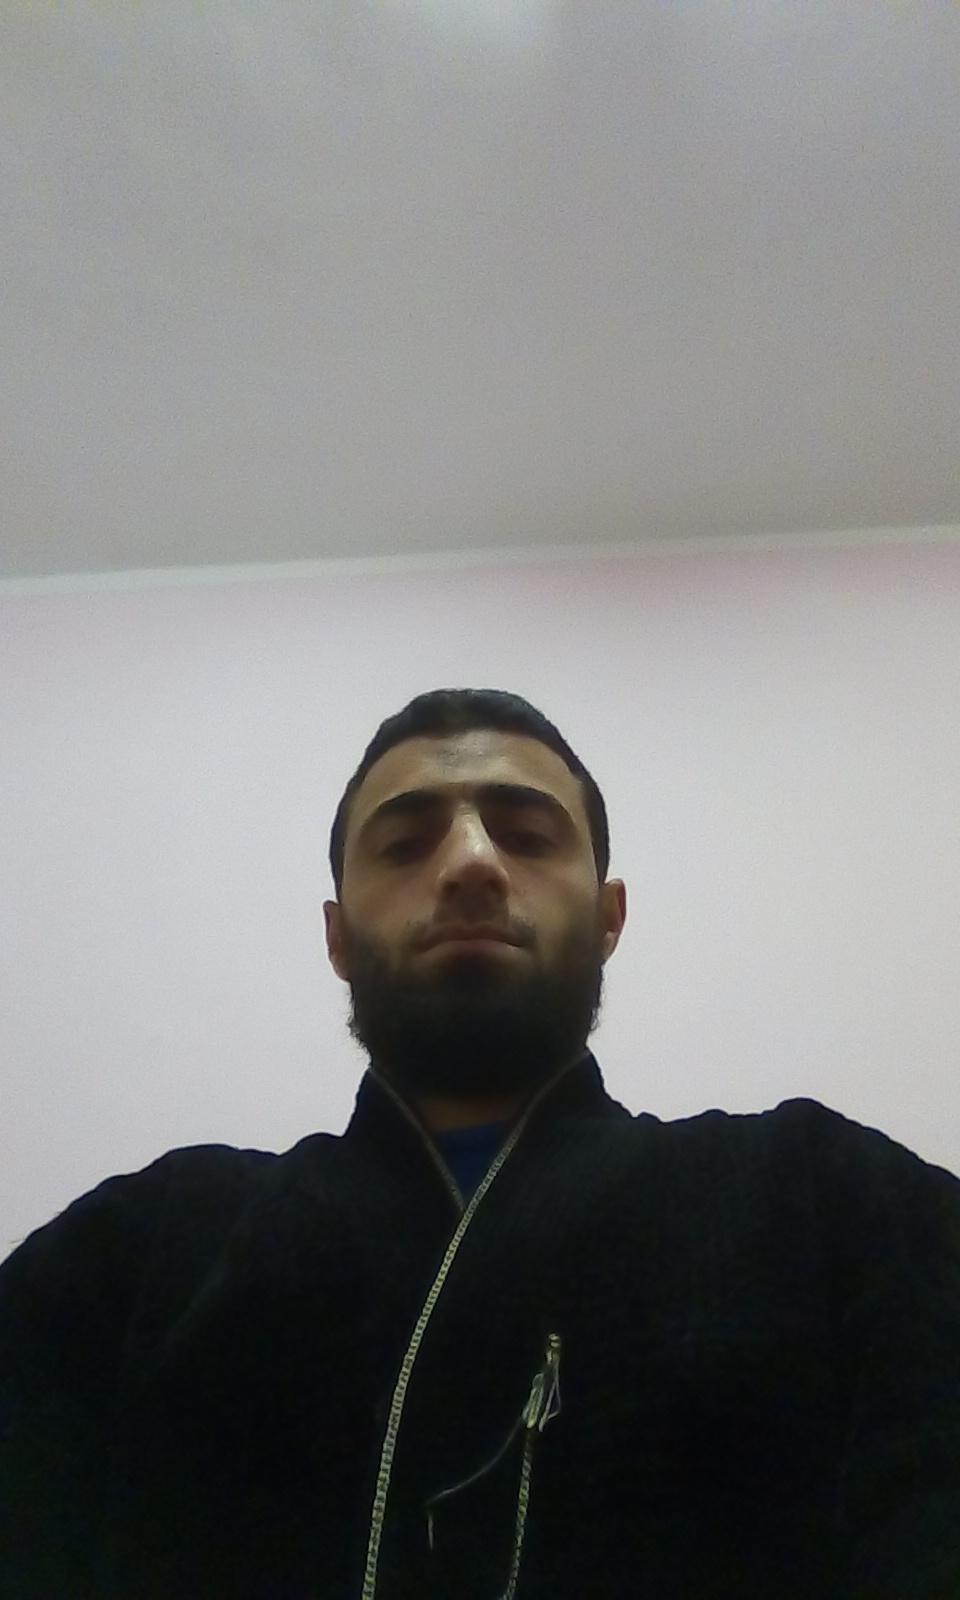 Khalifa mohammed avatar